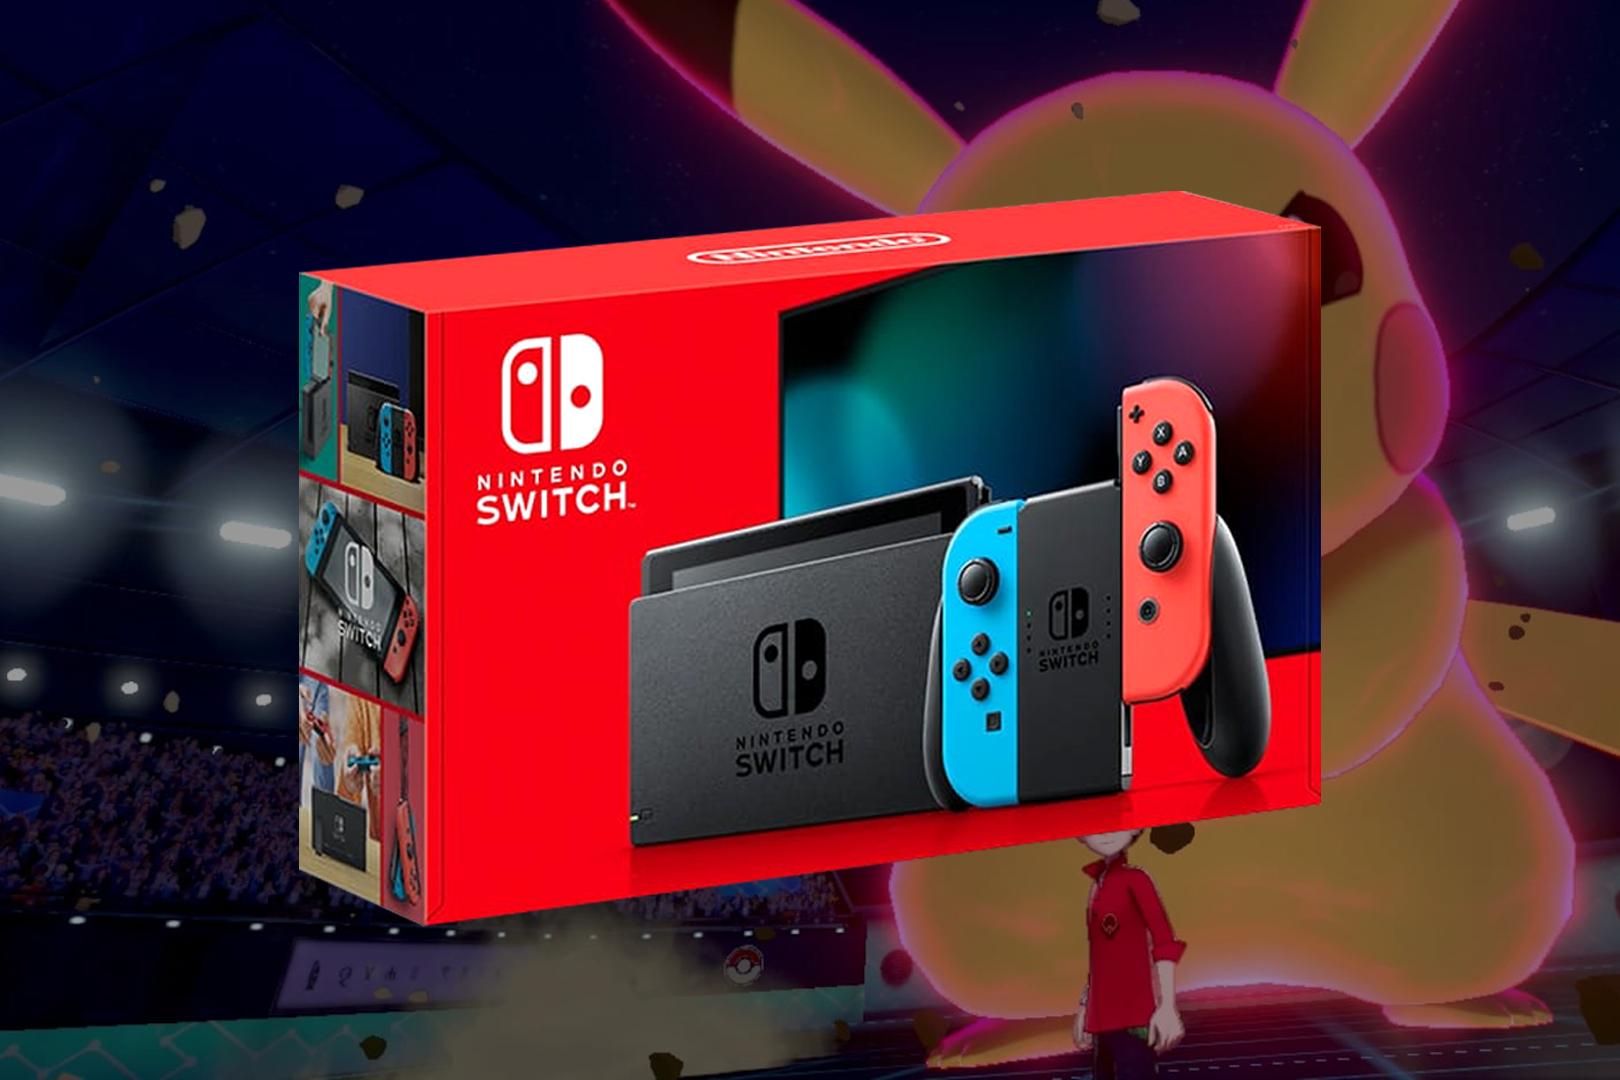 Nintendo Switch ปรับปรุงใหม่ แบตอึดกว่าเดิมเกือบ 2 เท่า!